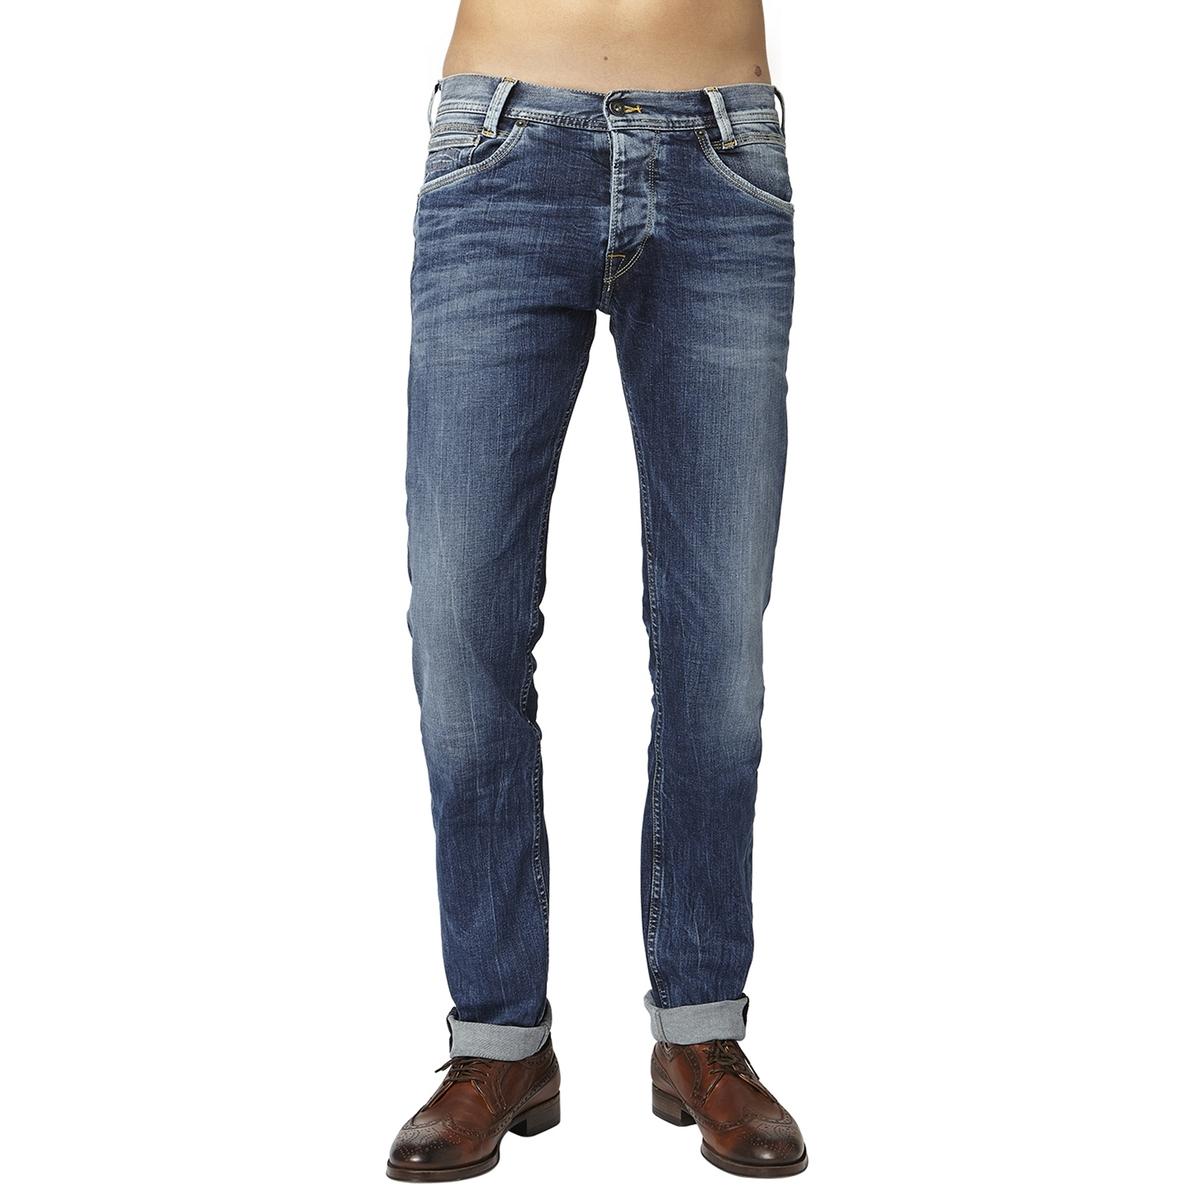 Джинсы La Redoute Прямого покроя обтягивающие SPIKE 29/32 синий джинсы женские oodji ultra цвет темно синий джинс 12103156 46787 7900w размер 29 32 48 32